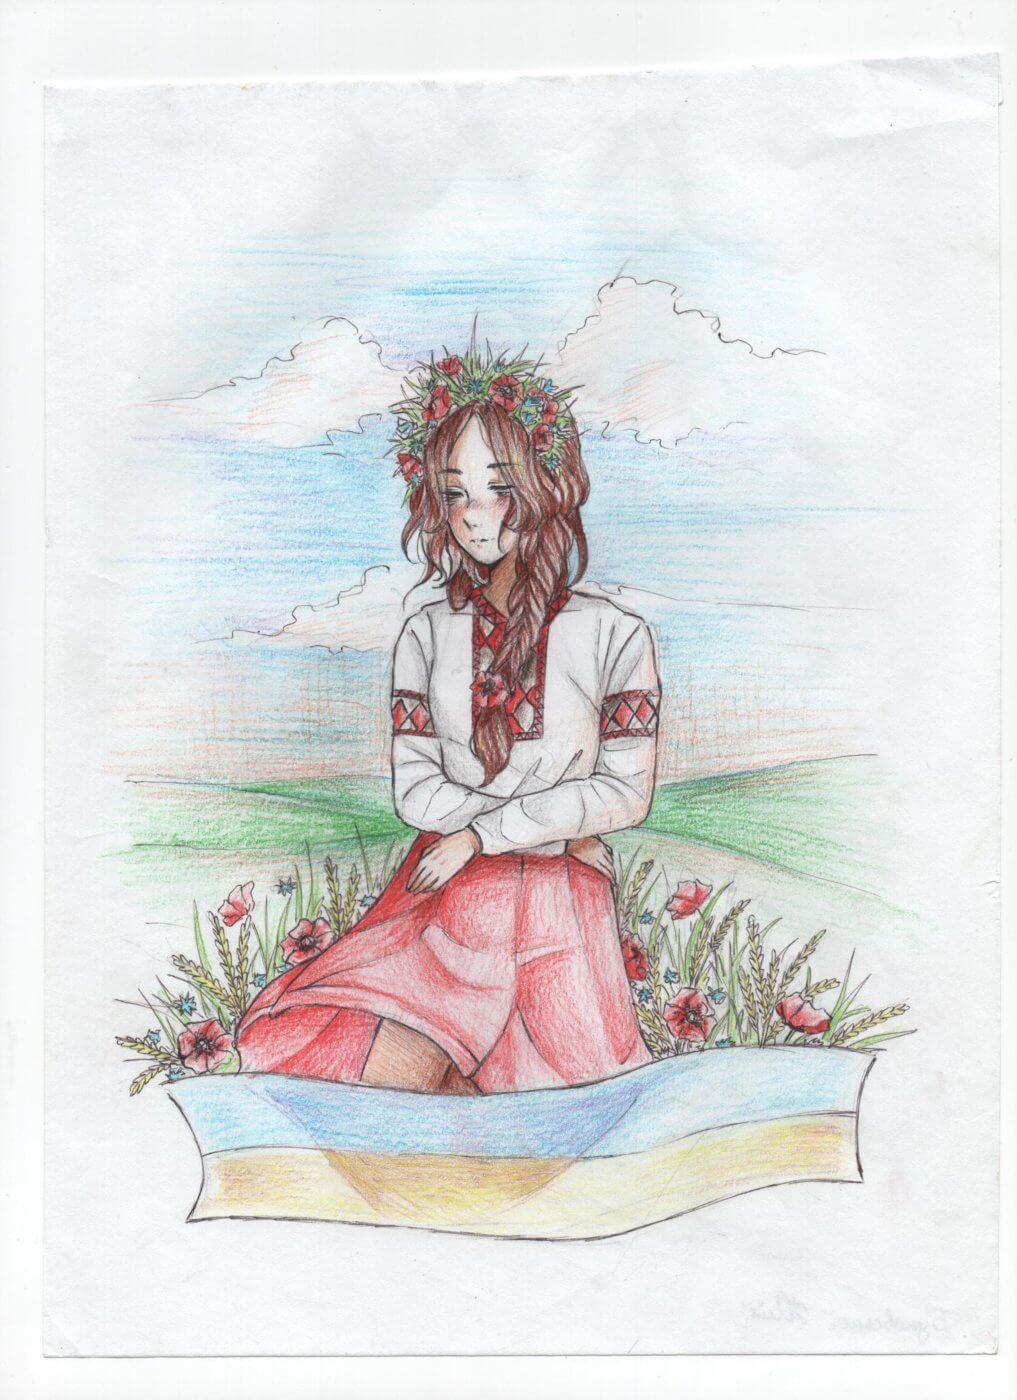 bukovska yuliya 1017x1400 - Всеукраїнський конкурс шкільних малюнків «Мої права»